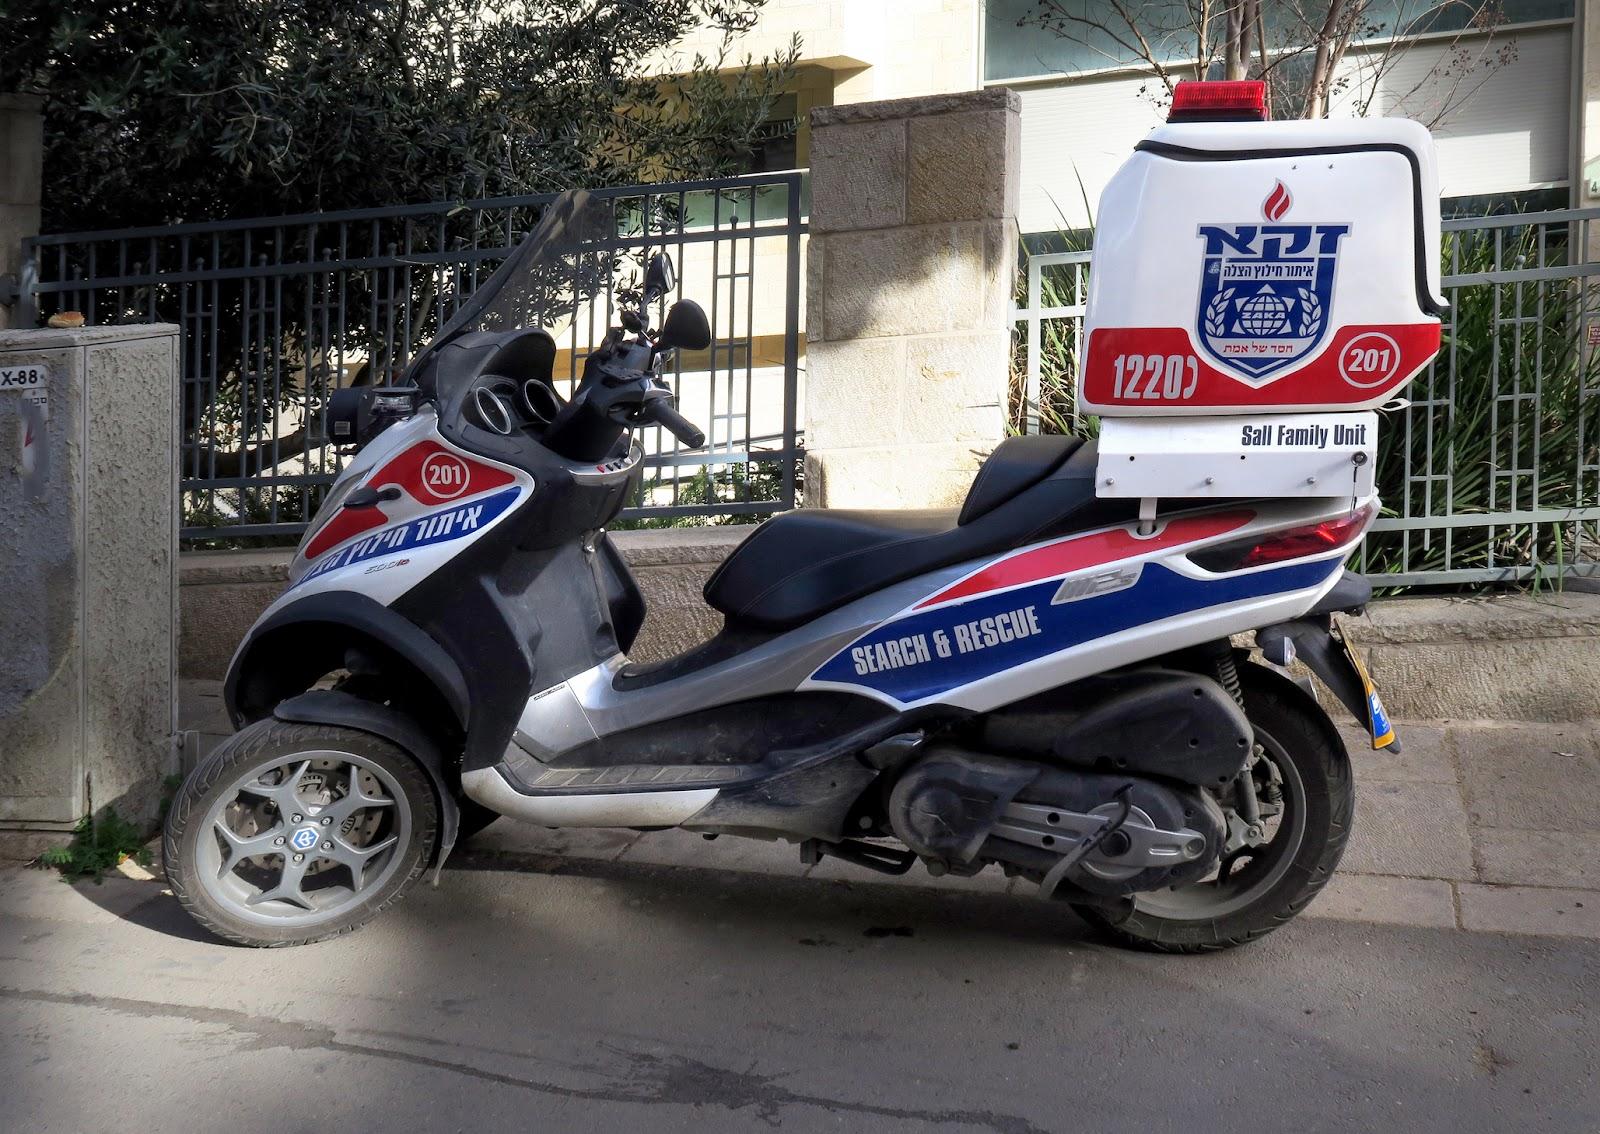 Ambulance motorcycle aka ambucycle